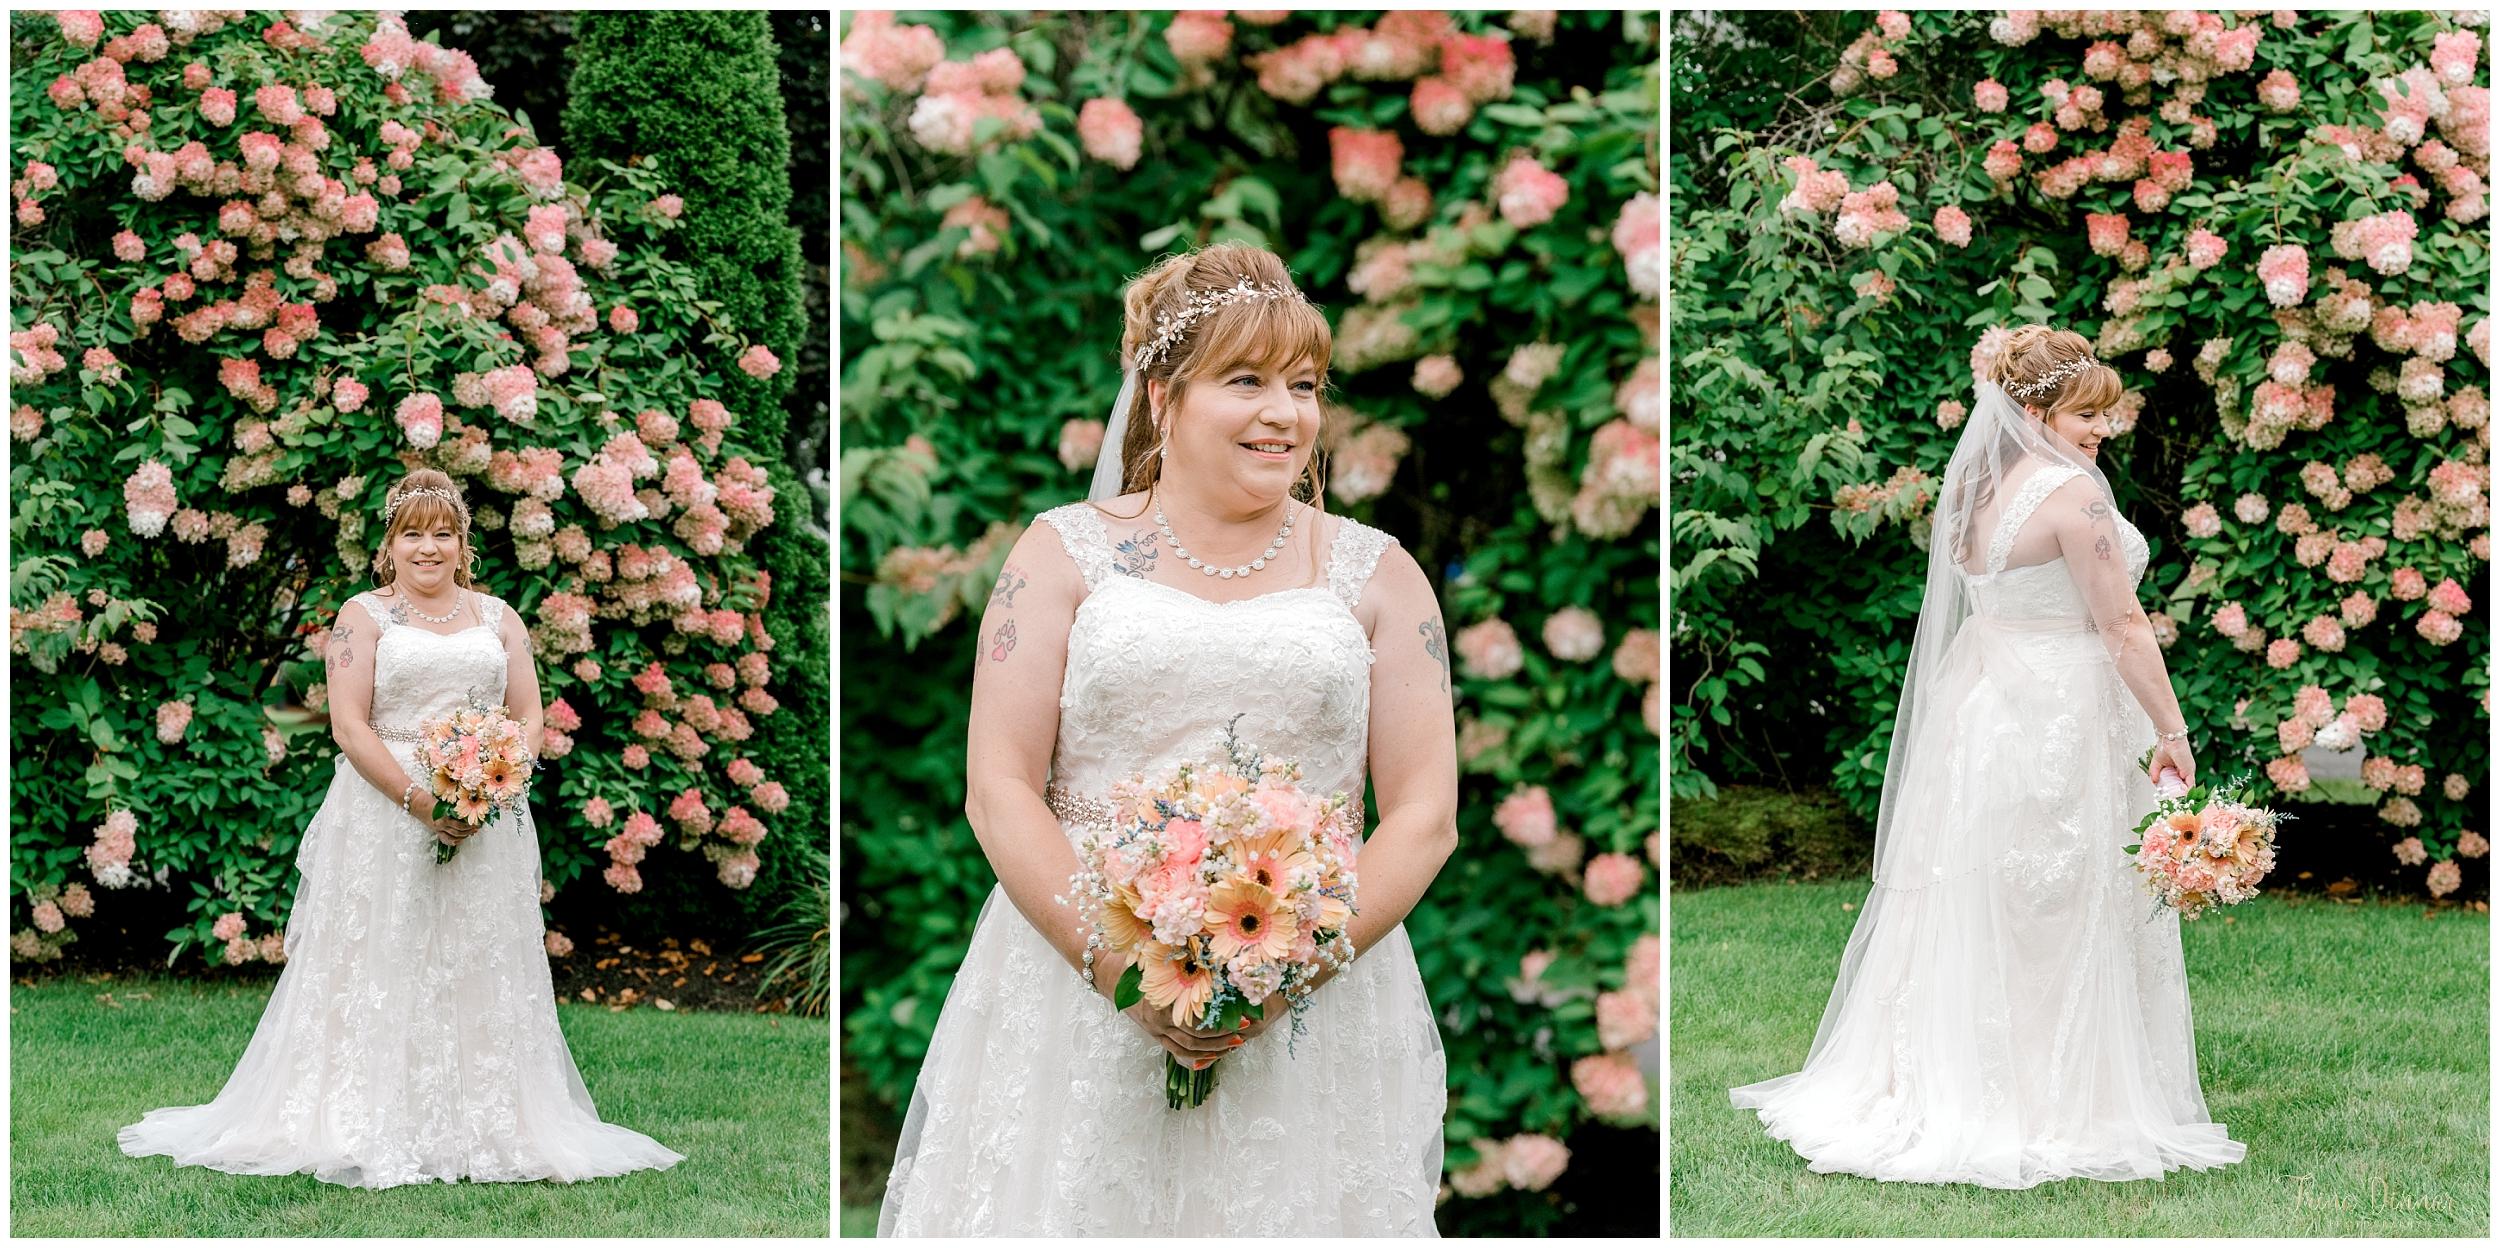 Bridal wedding day portraits